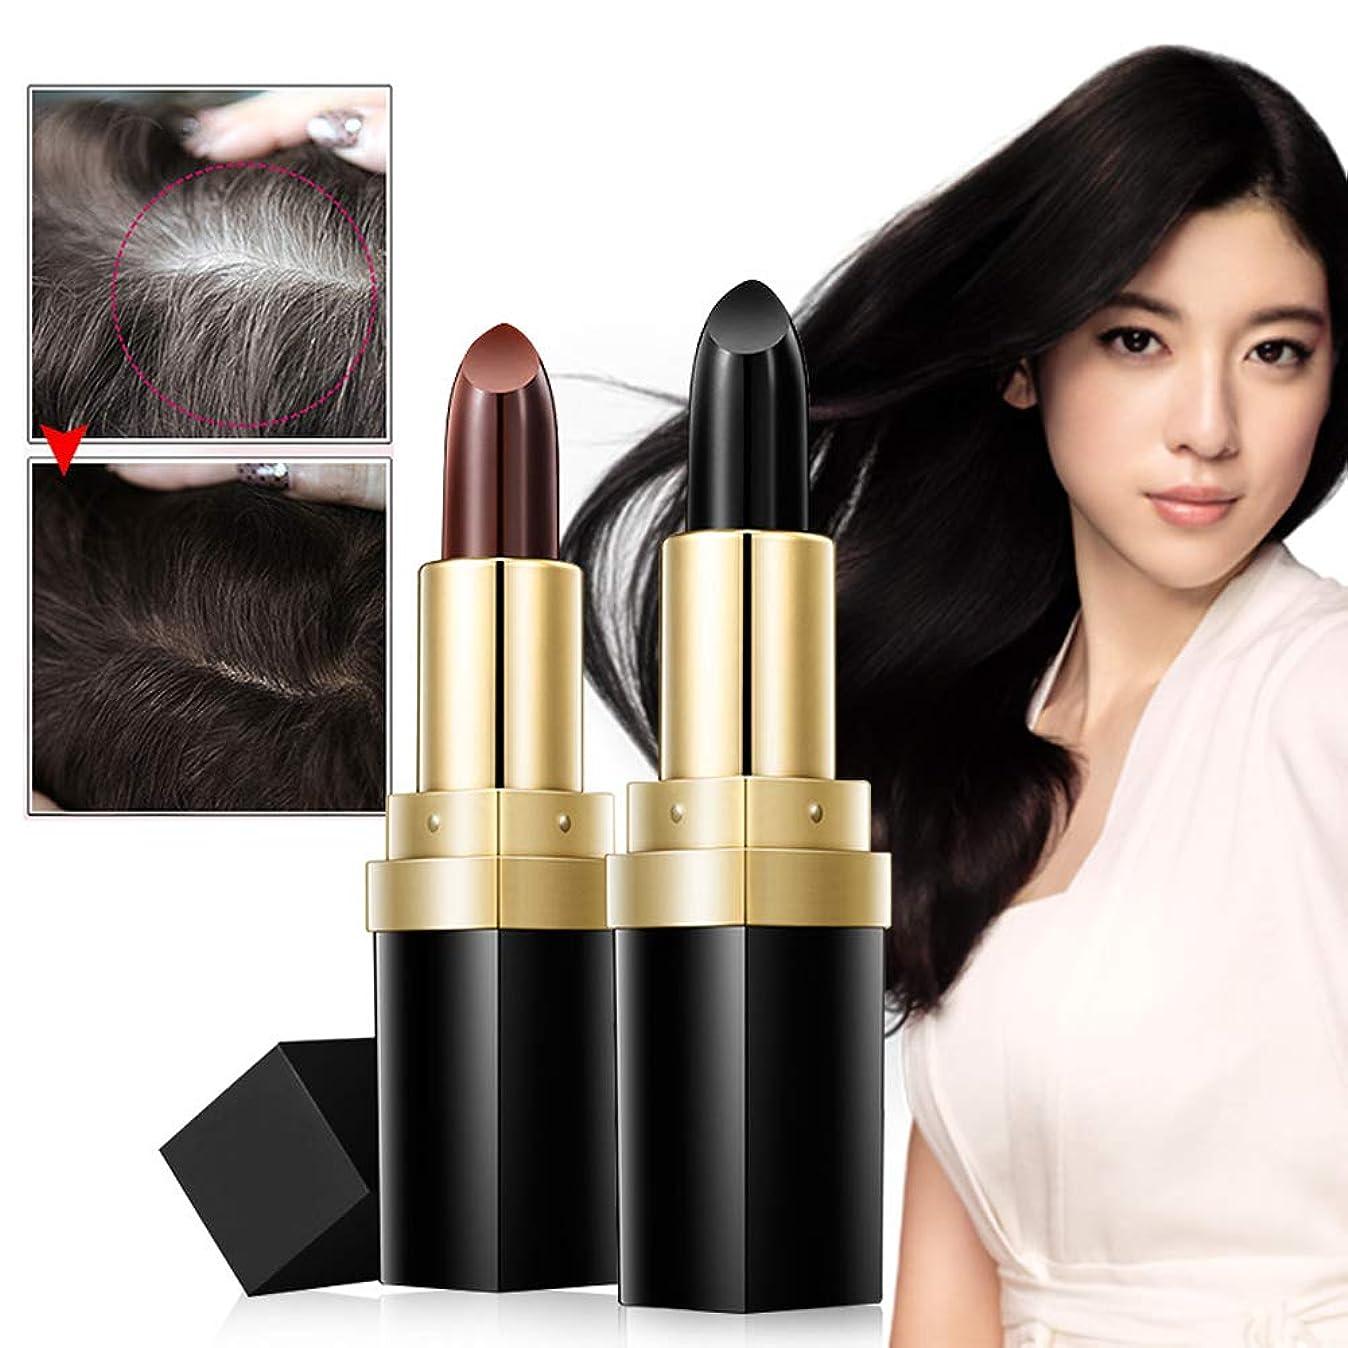 ラフ睡眠曇ったあなたは筆記染料、3.5 gの一時的な染毛剤。 2のDIY理髪ペンセットに適した非毒性リップクリーム髪チョークペン,Black+Brown